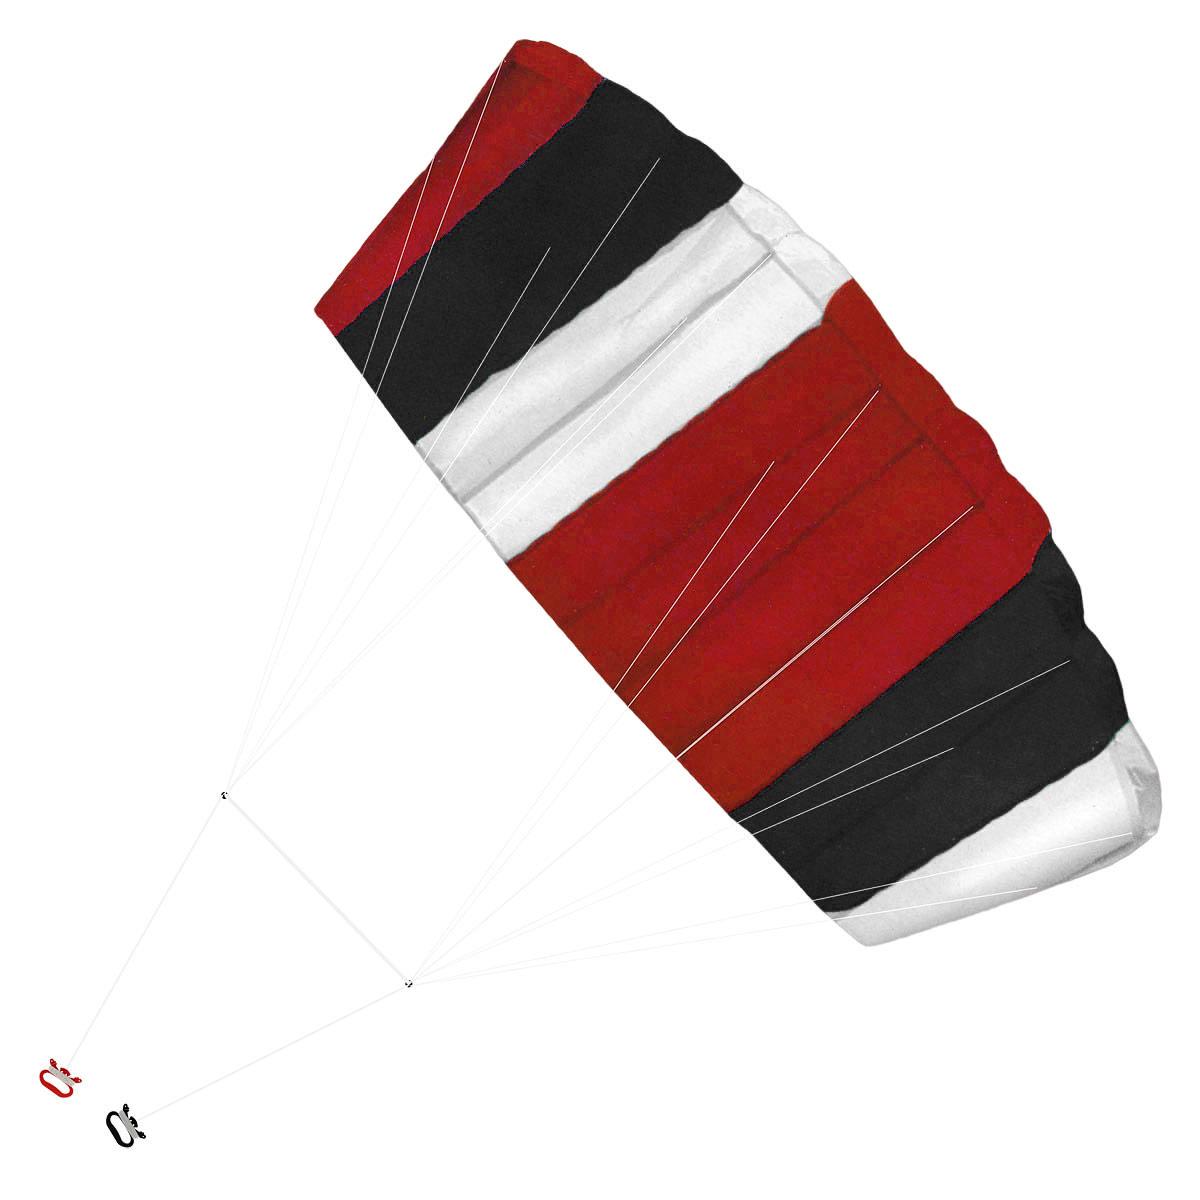 Воздушный змей Simba Sky Artist, цвет: красный, черный, 120 см х 55 см купить воздушный змей в петербурге